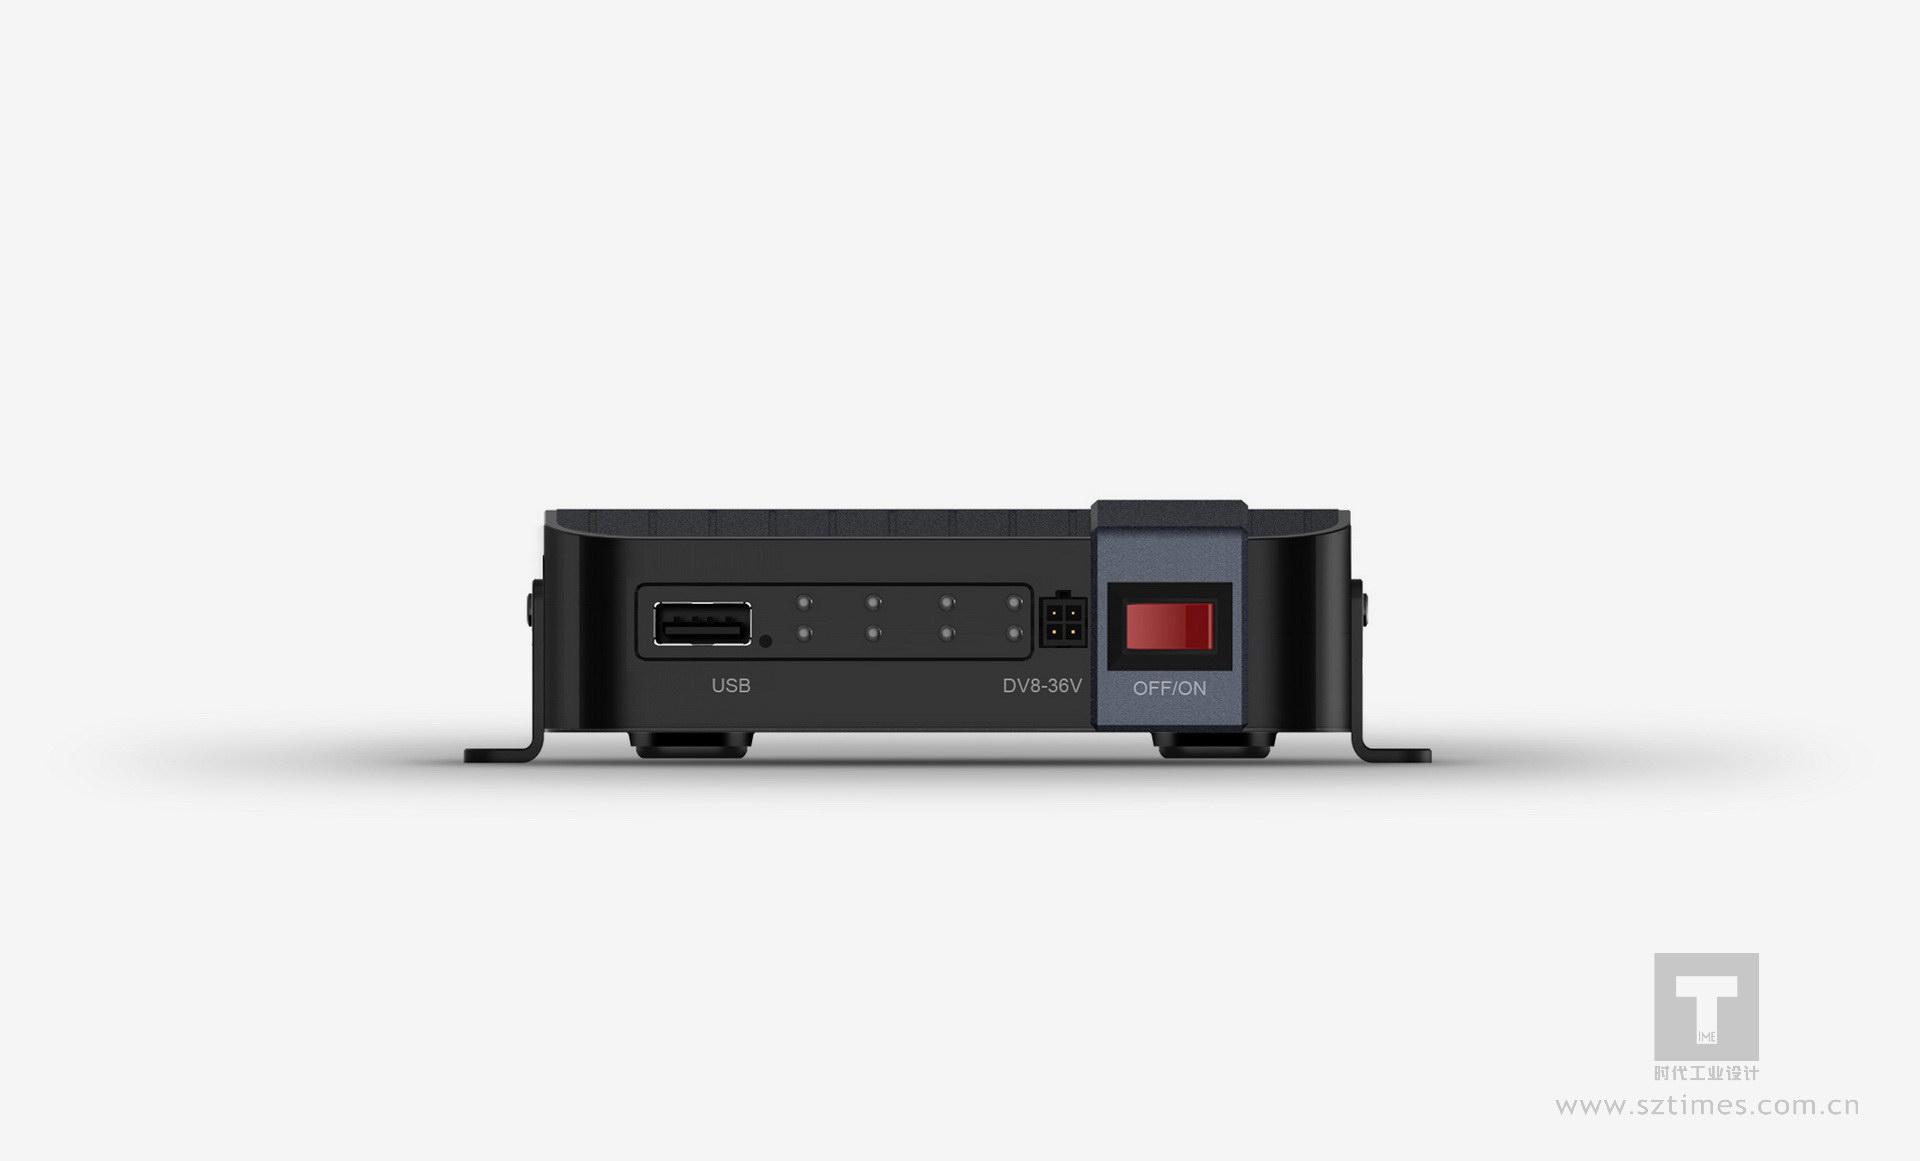 N8视频监控器透视图--A (3).JPG